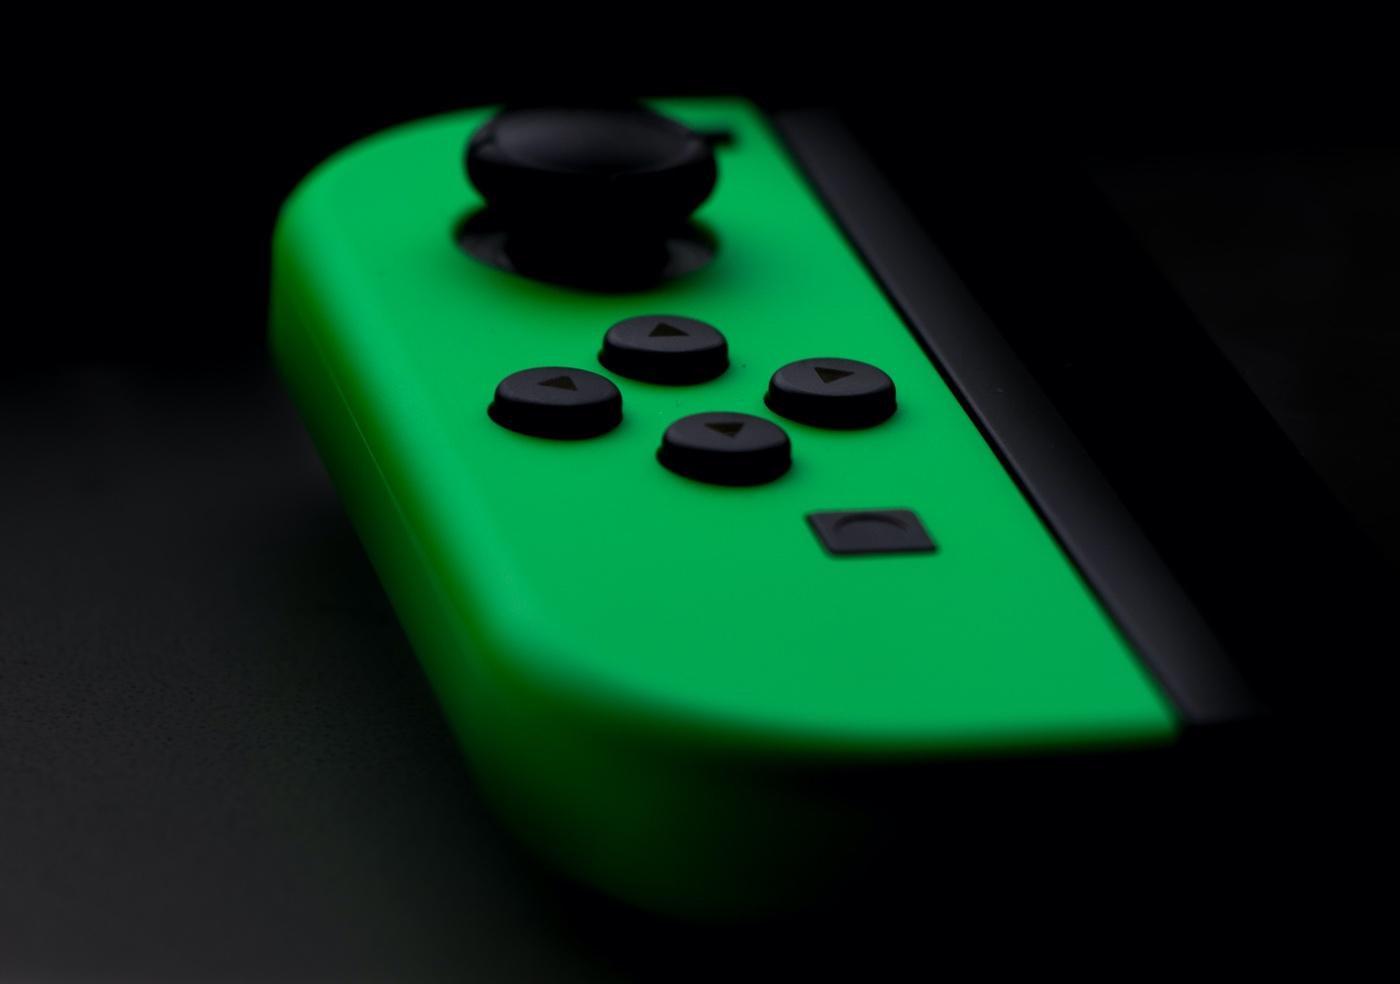 Nintendo Switch : un nouveau service permet de personnaliser les Joy-Con au Japon